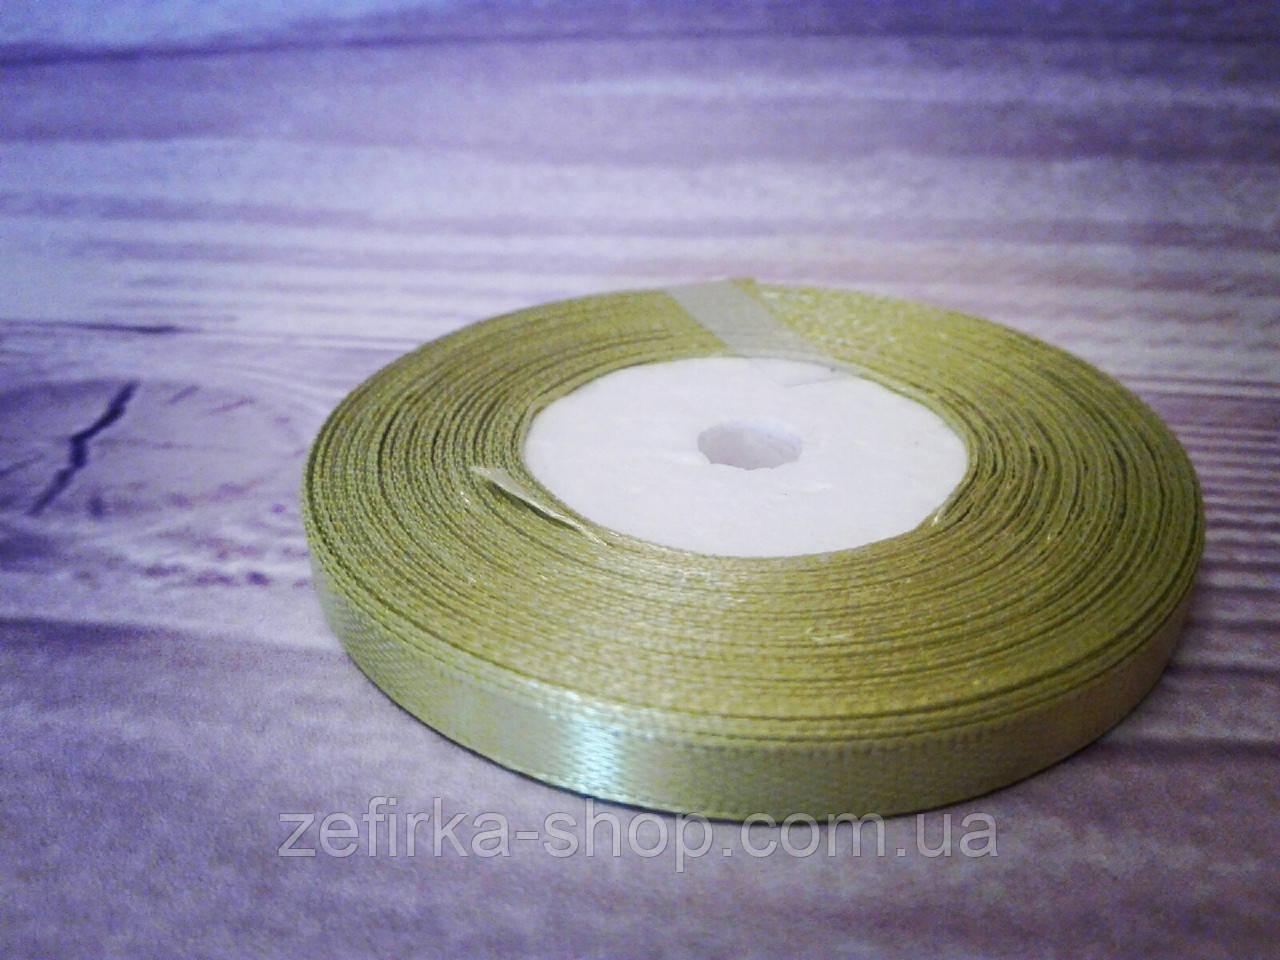 Атласная лента,   0,6 cм оливка